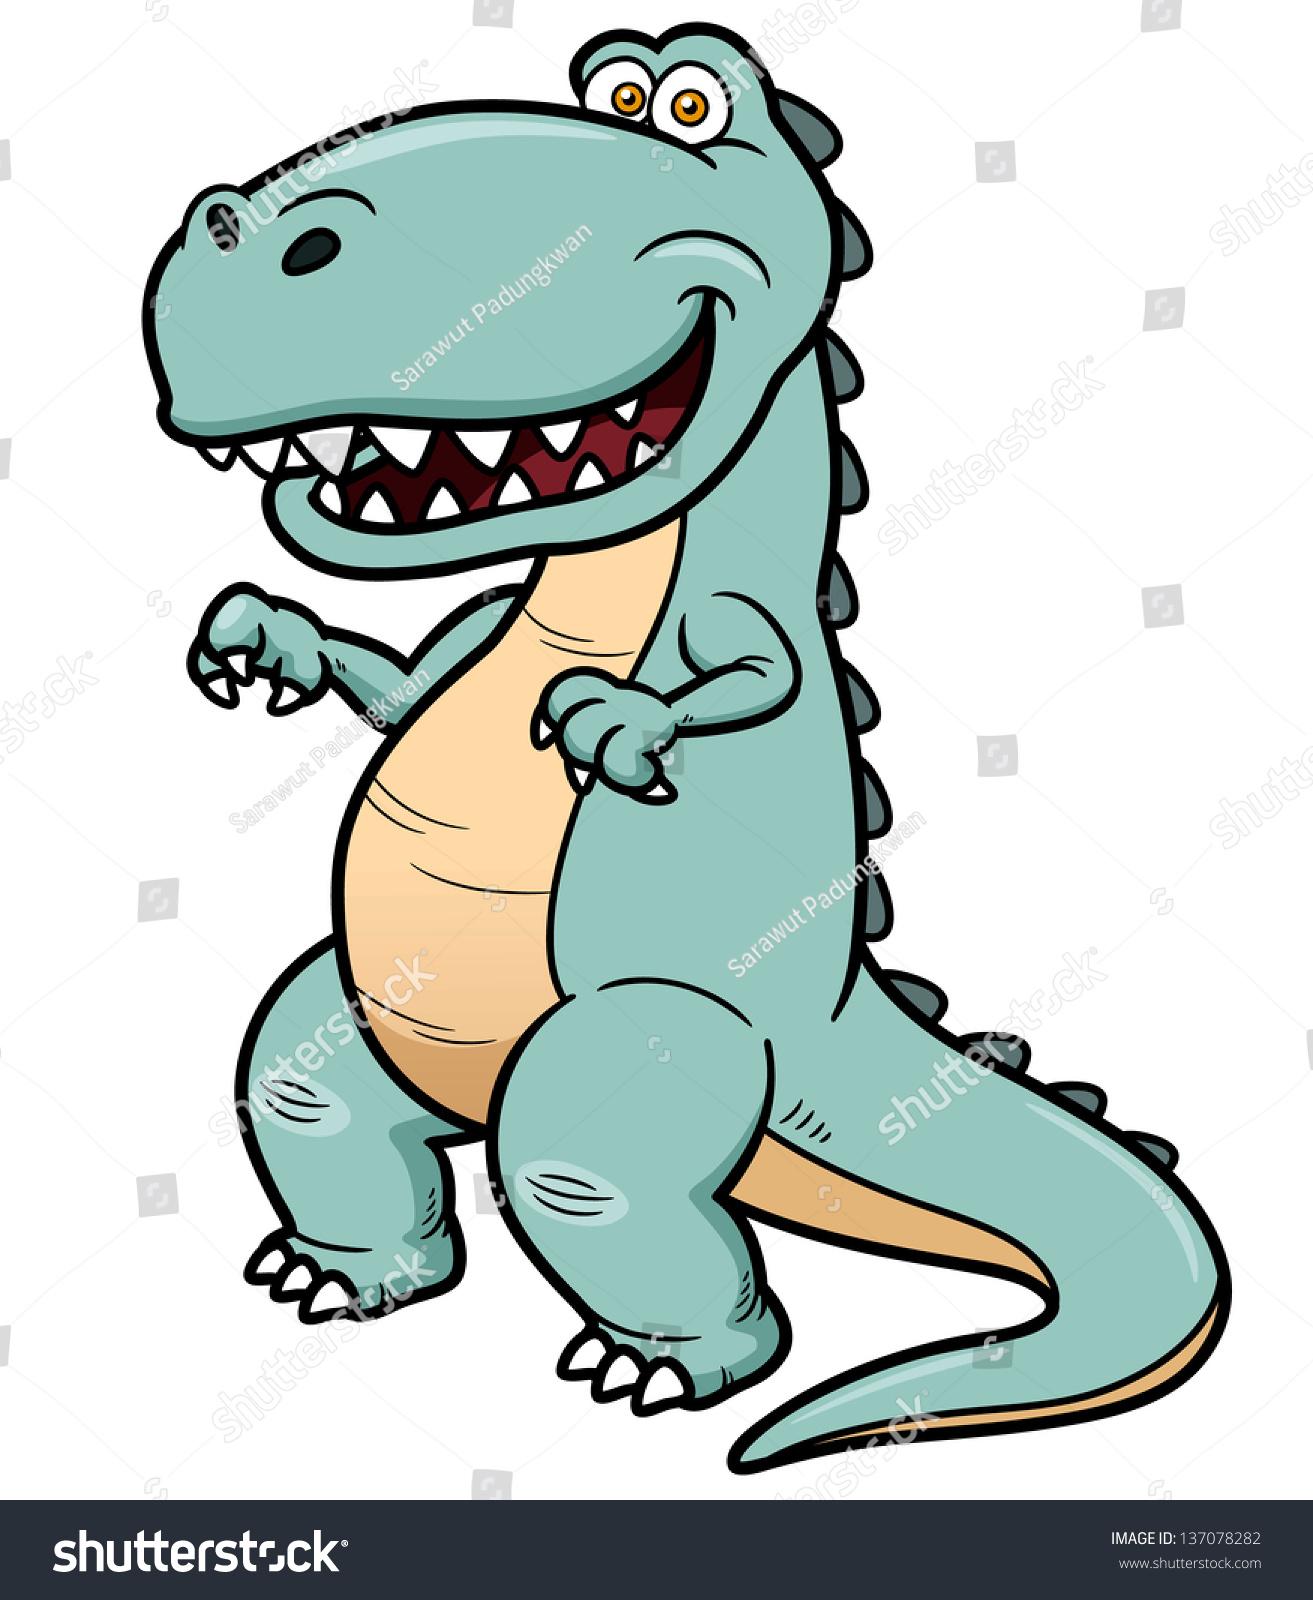 矢量插图漫画的恐龙-动物/野生生物,自然-海洛创意()